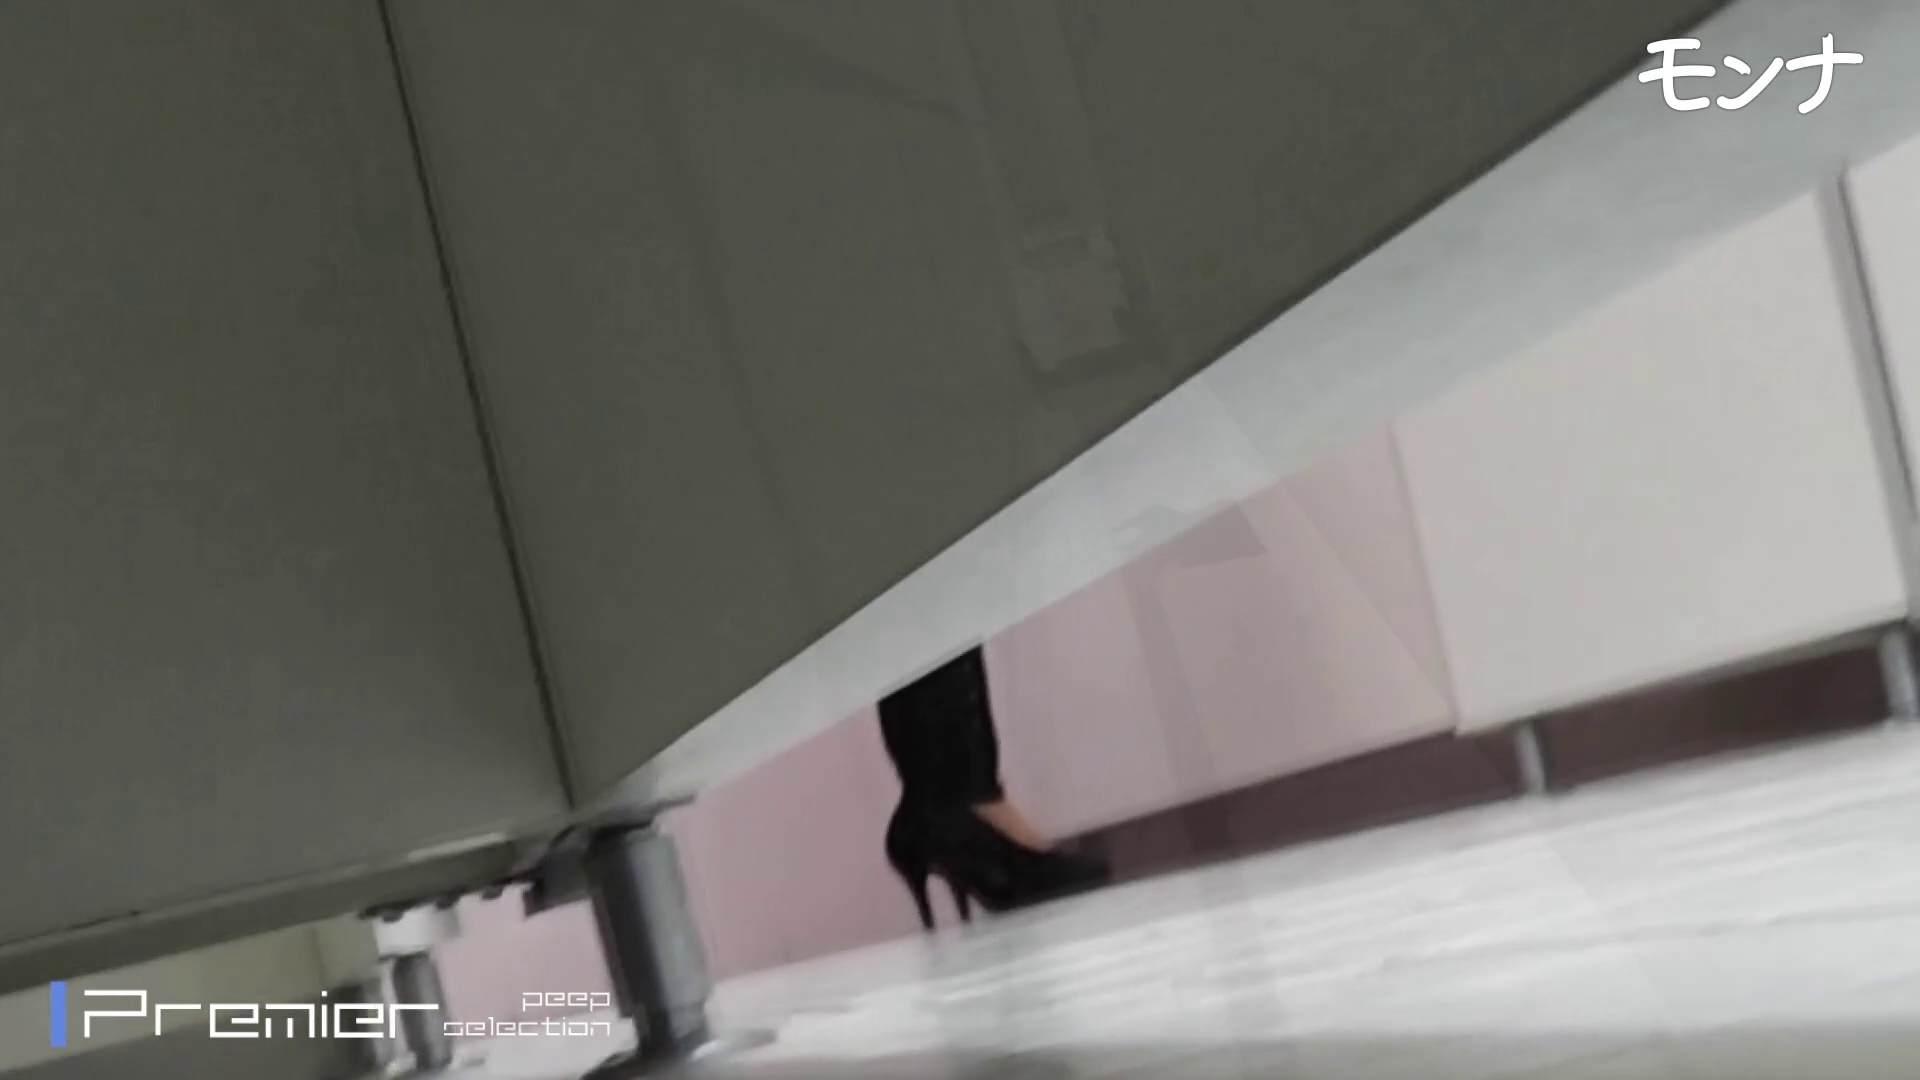 CM 悶絶シリーズ5 【美しい日本の未来 No.128】 おまんこ無修正 | ギャル・コレクション  48連発 45